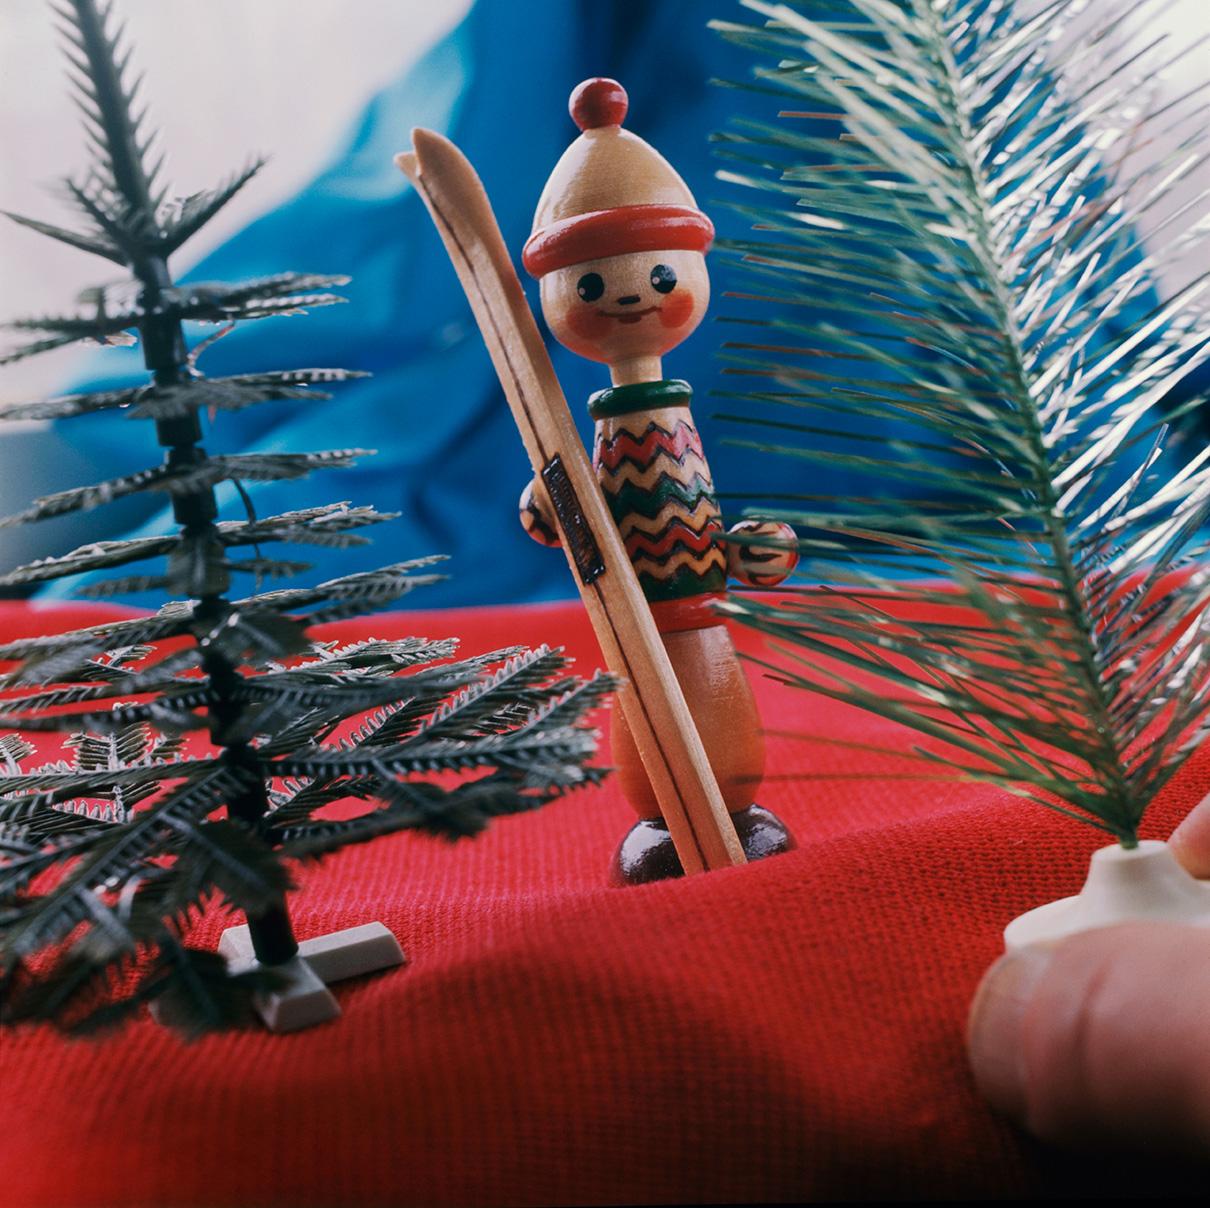 Игрушка «лыжник». 1970-е годы